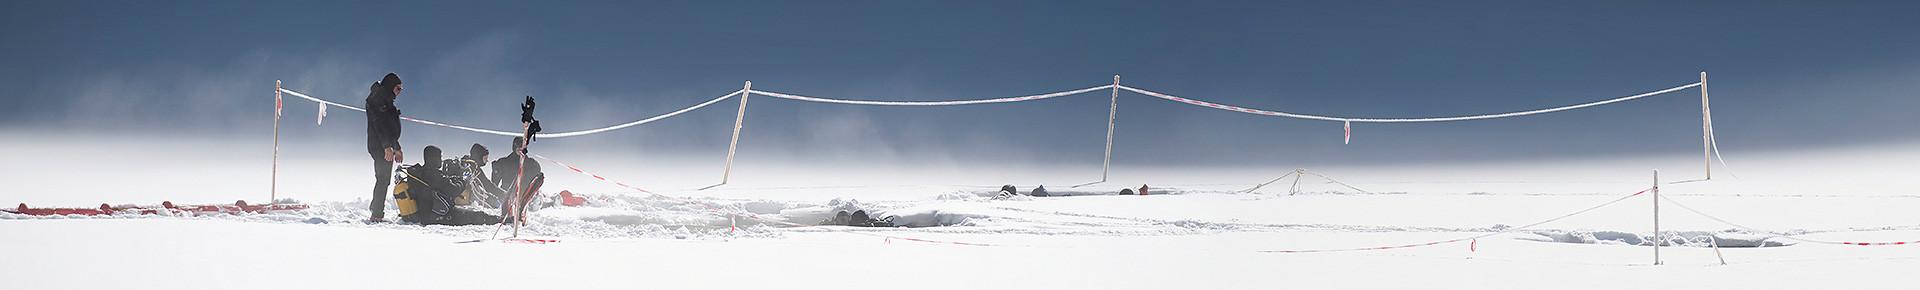 Plongée sous glace, Lac de Montriond